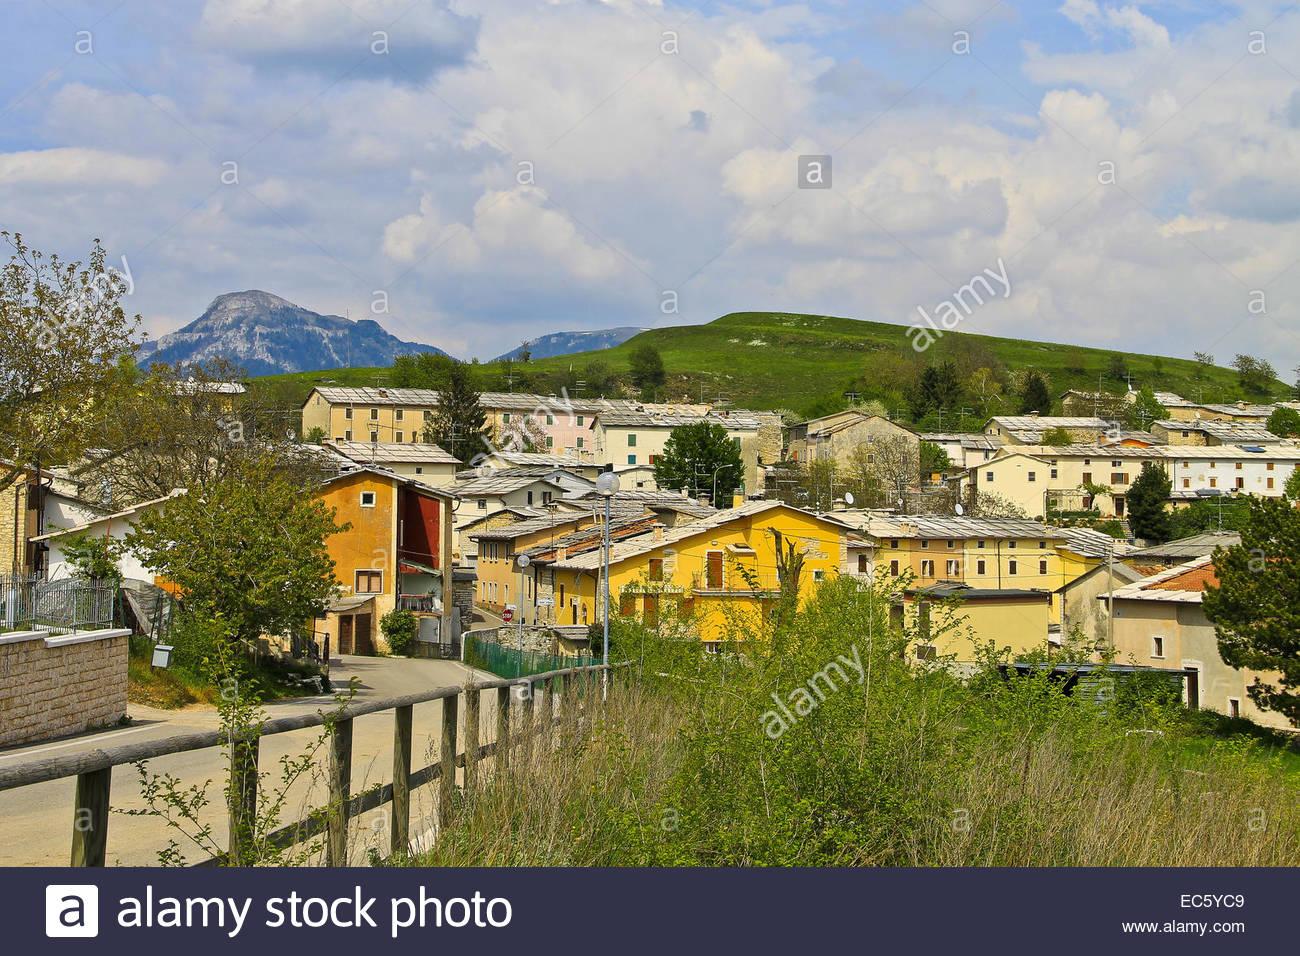 Case Di Montagna In Pietra : Case di pietra di montagna in un prato val di susa italia